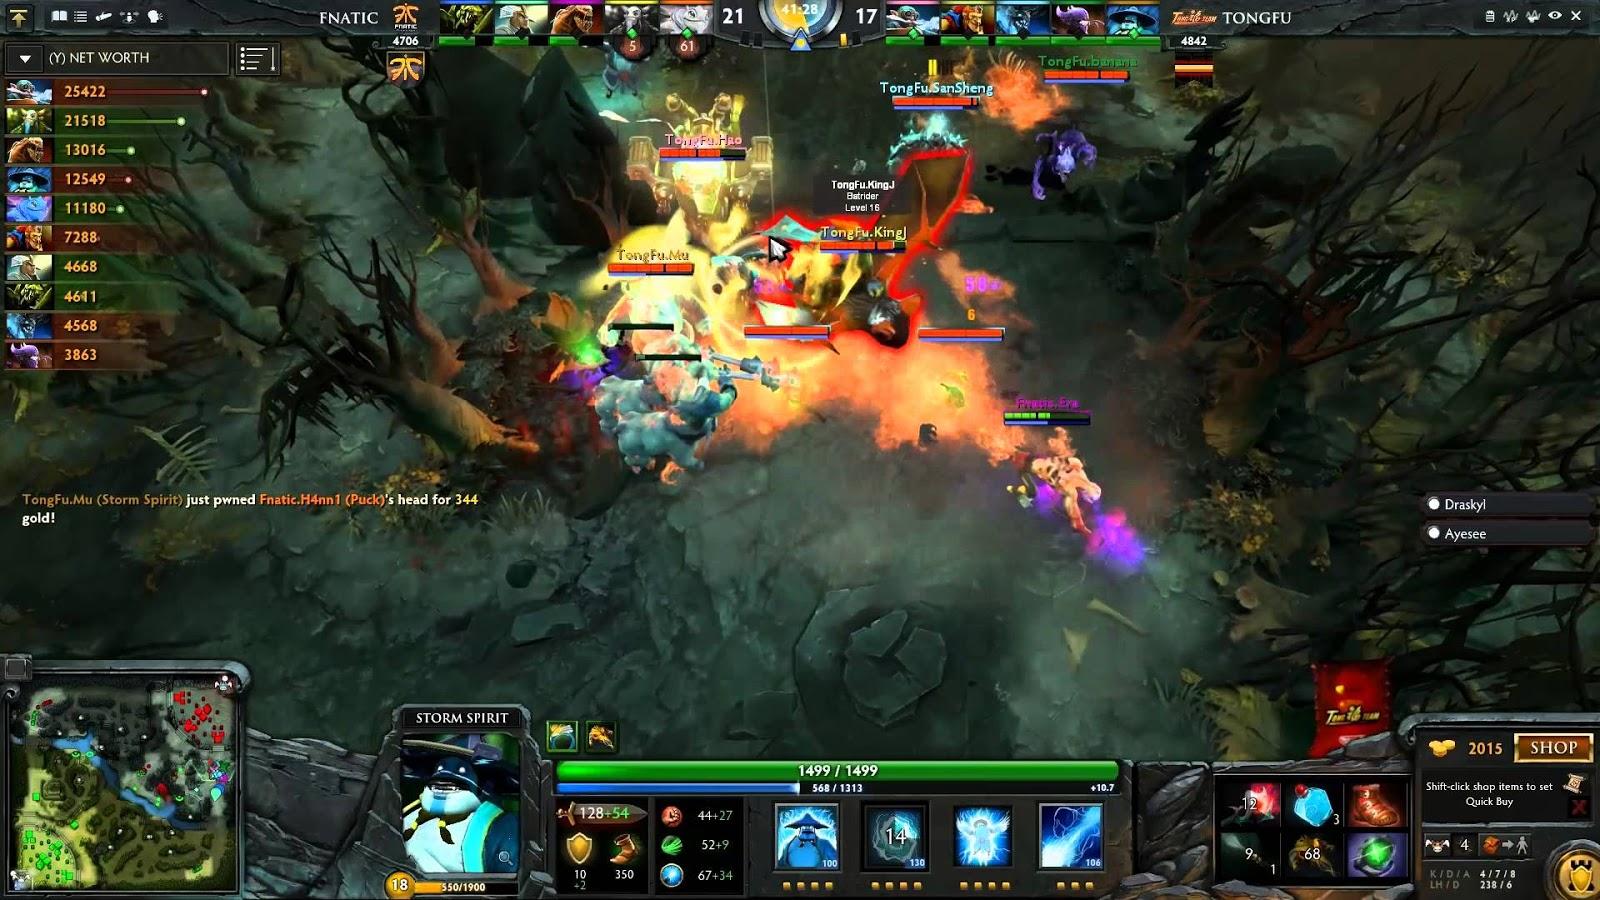 5 Juegos Steam Gratis Para Linux Linux2puntocero